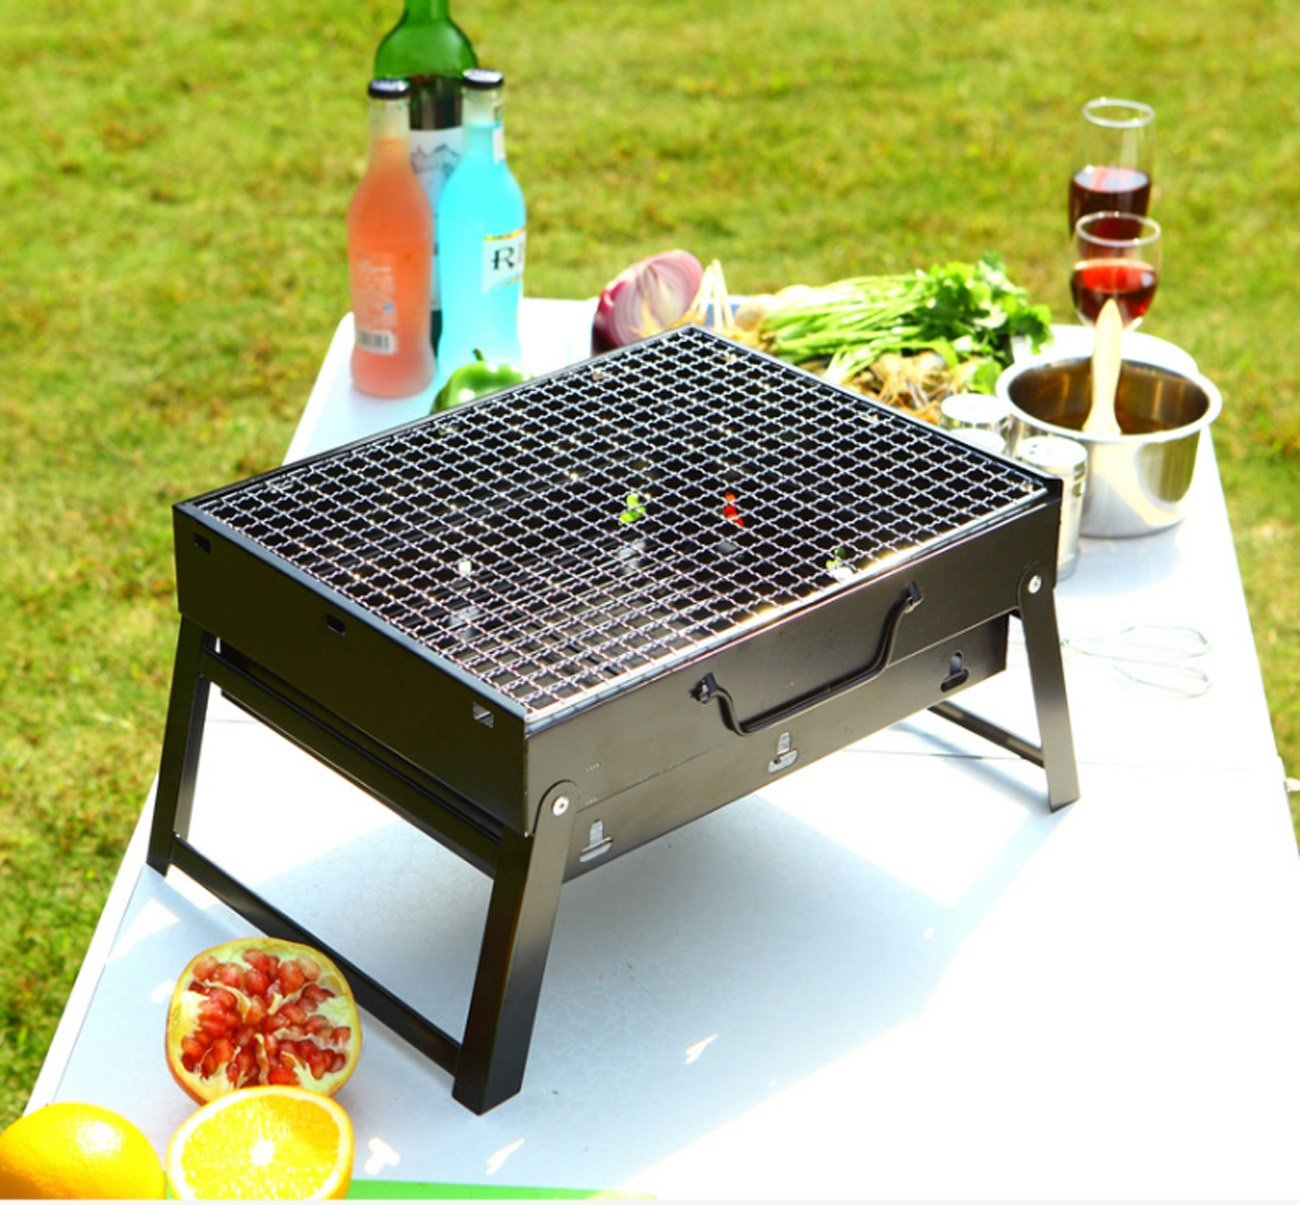 ZXMXY Grill Grill Tragbare Kohle Grill Tisch Camping Outdoor Garten Grill BBQ Utensil Für 3-6 Personen Familie Tragbare Mit Tragegriff (35  27 cm)